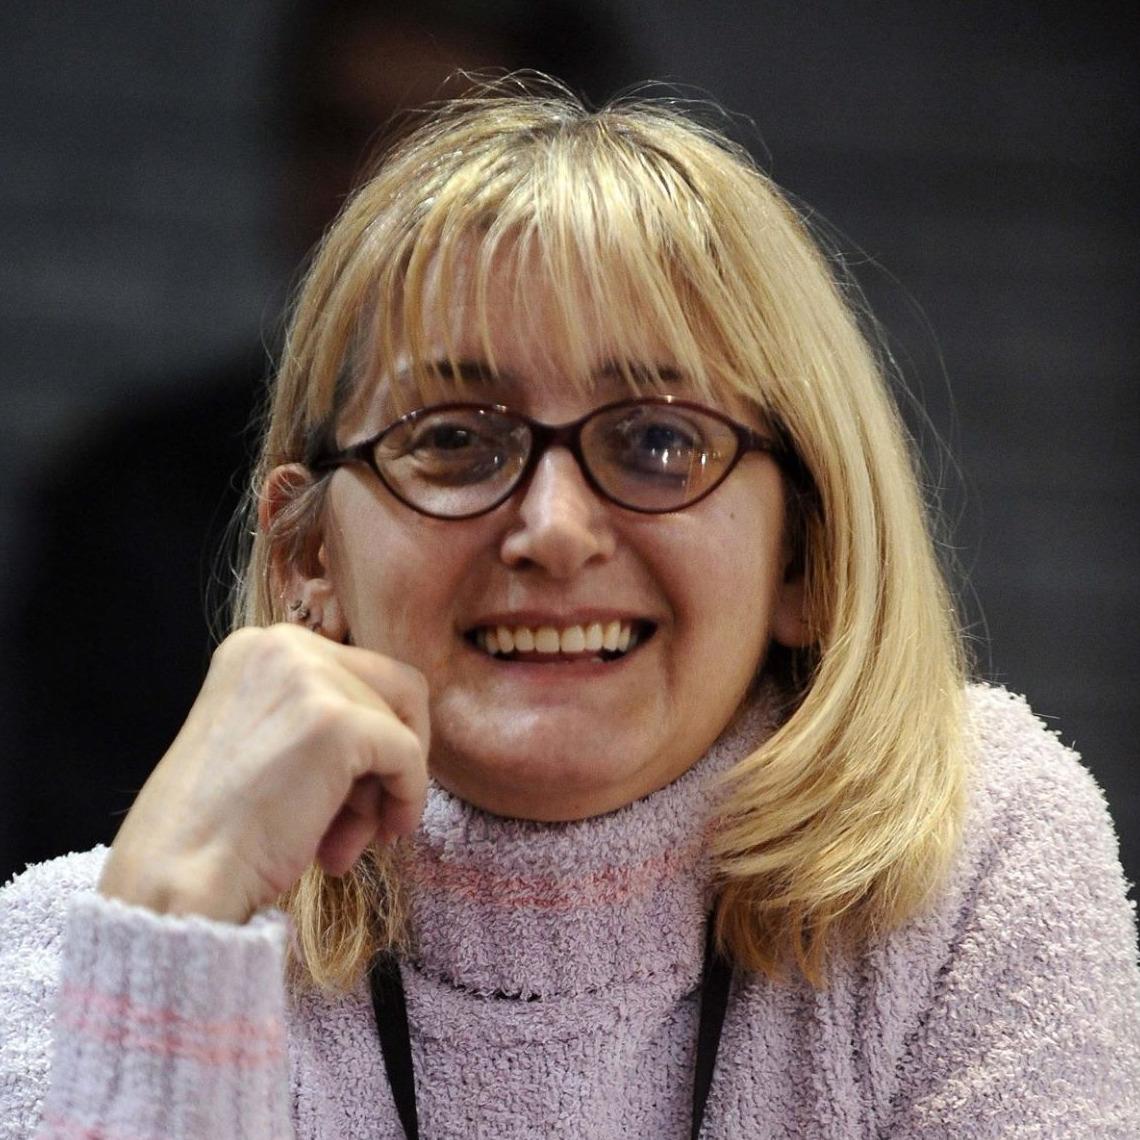 Jasmina Bobovac